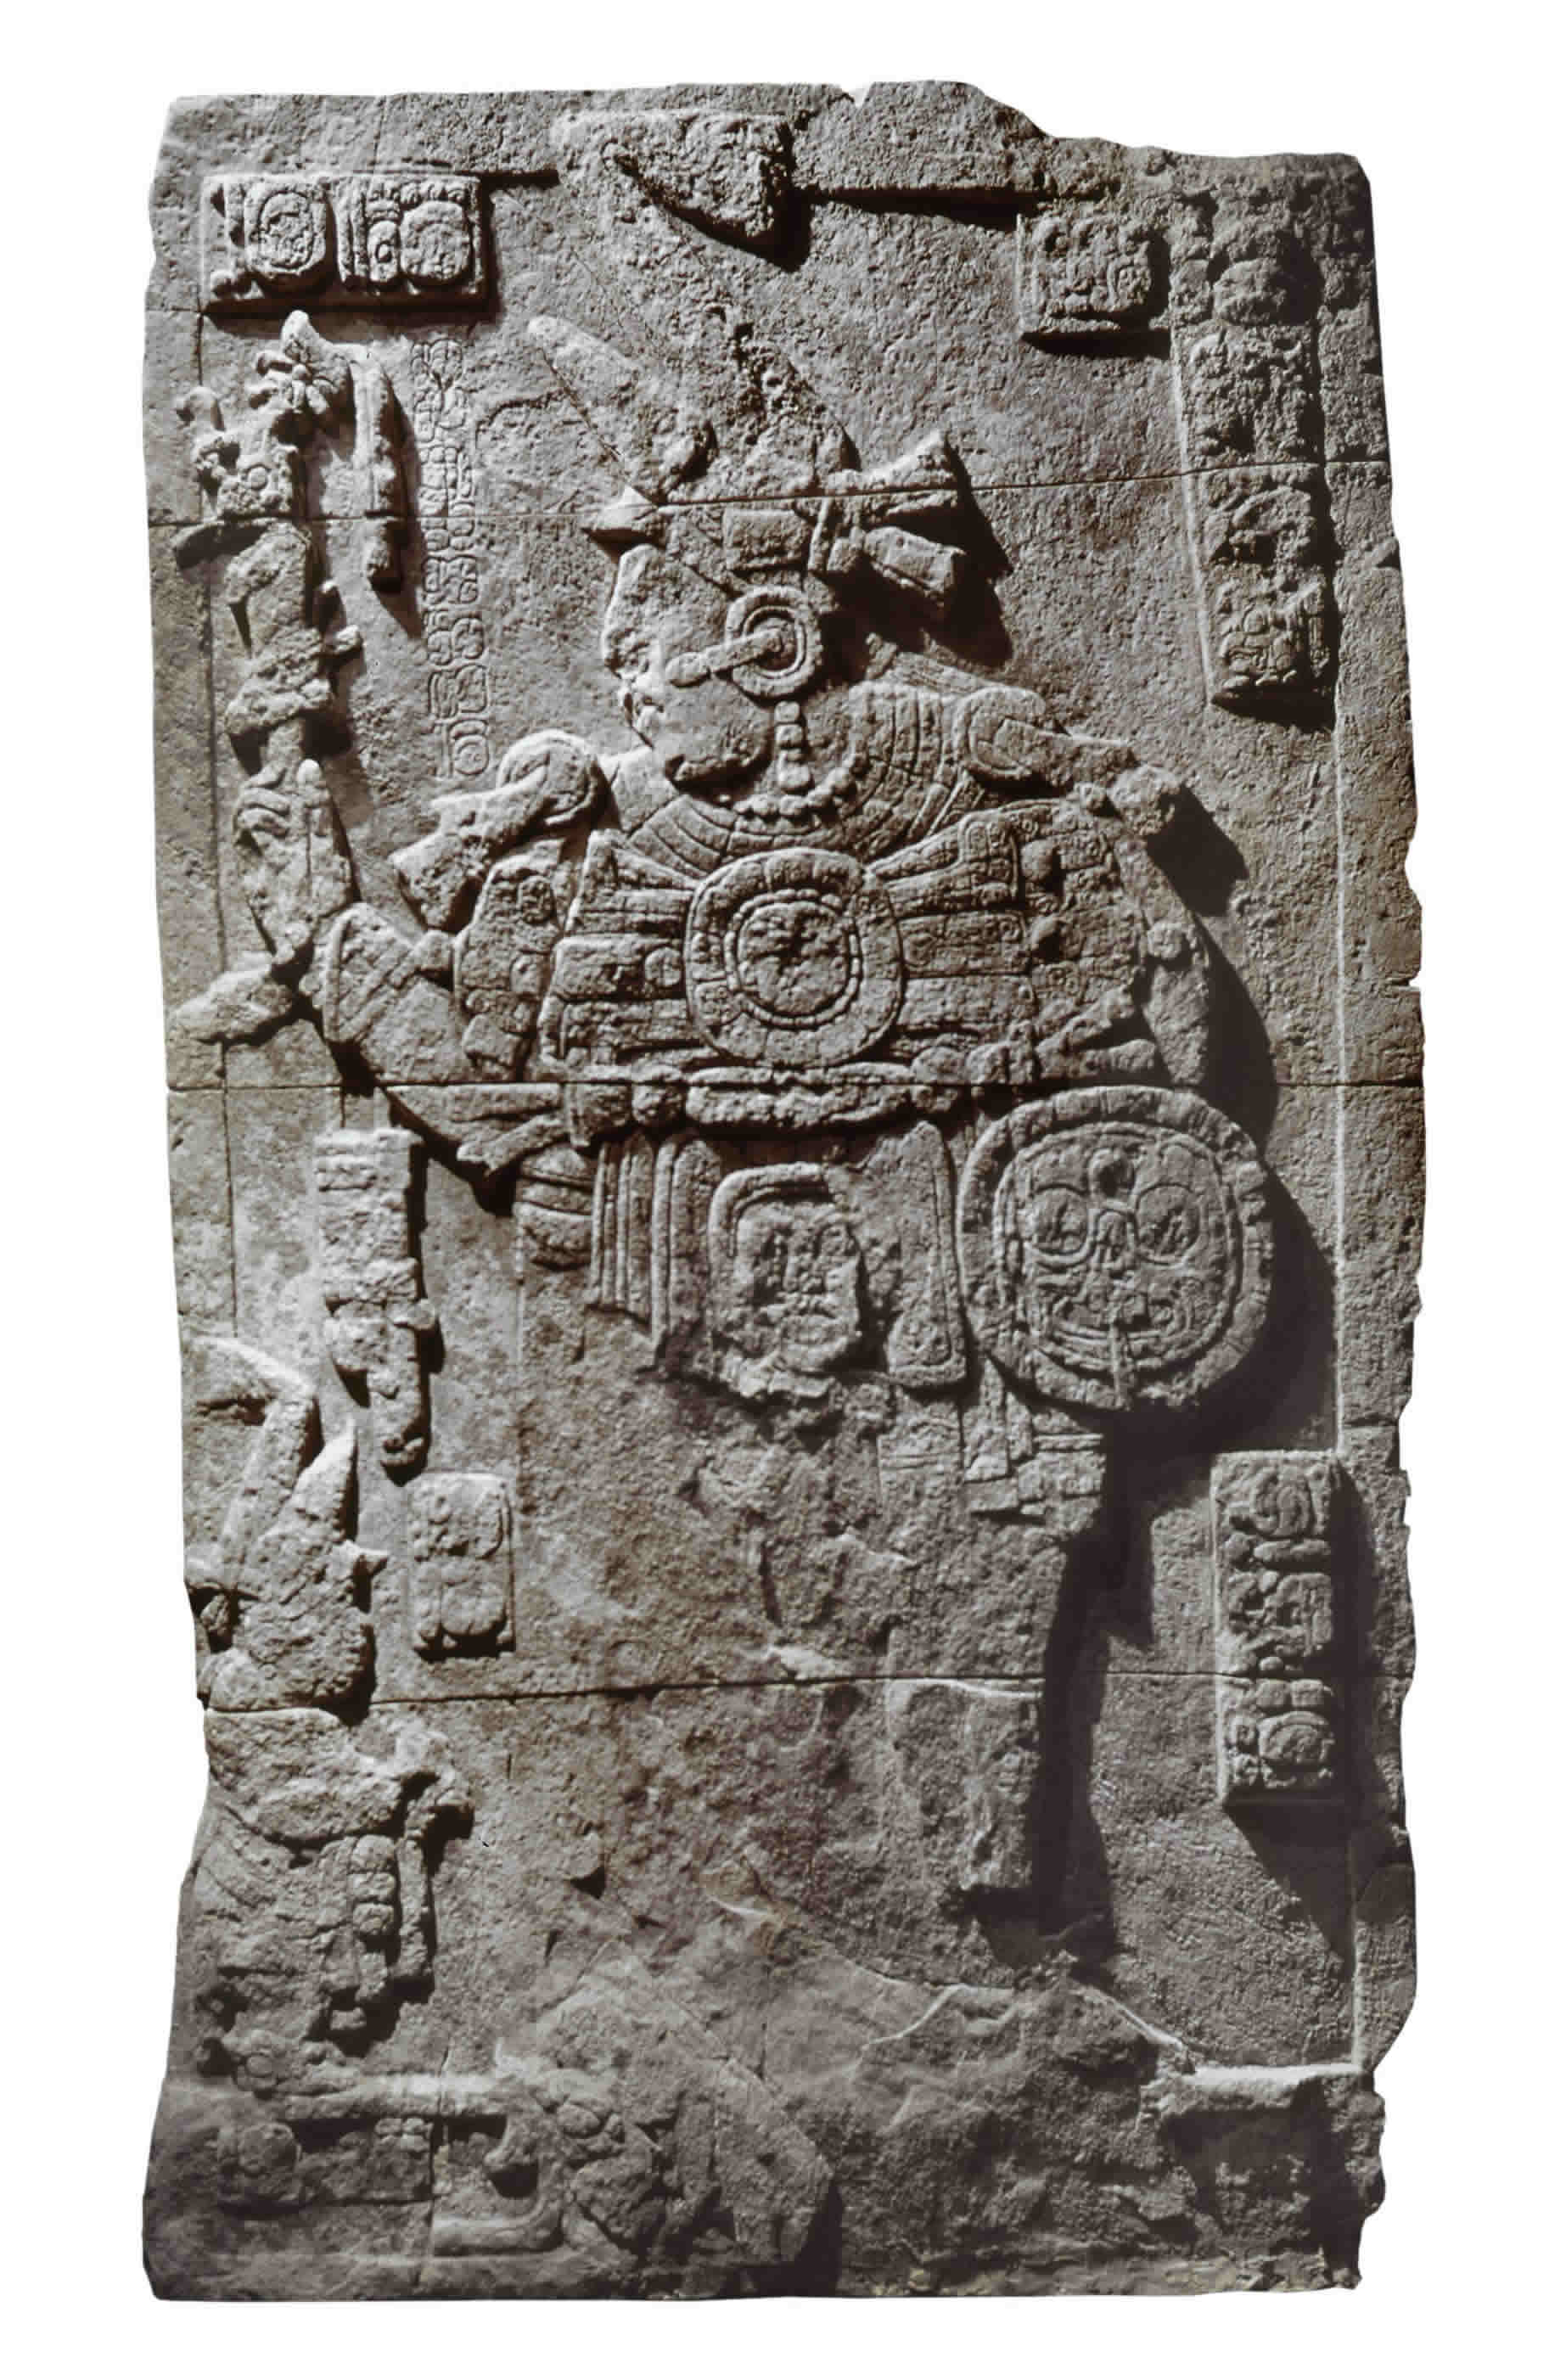 Estela 89 de Calakmul